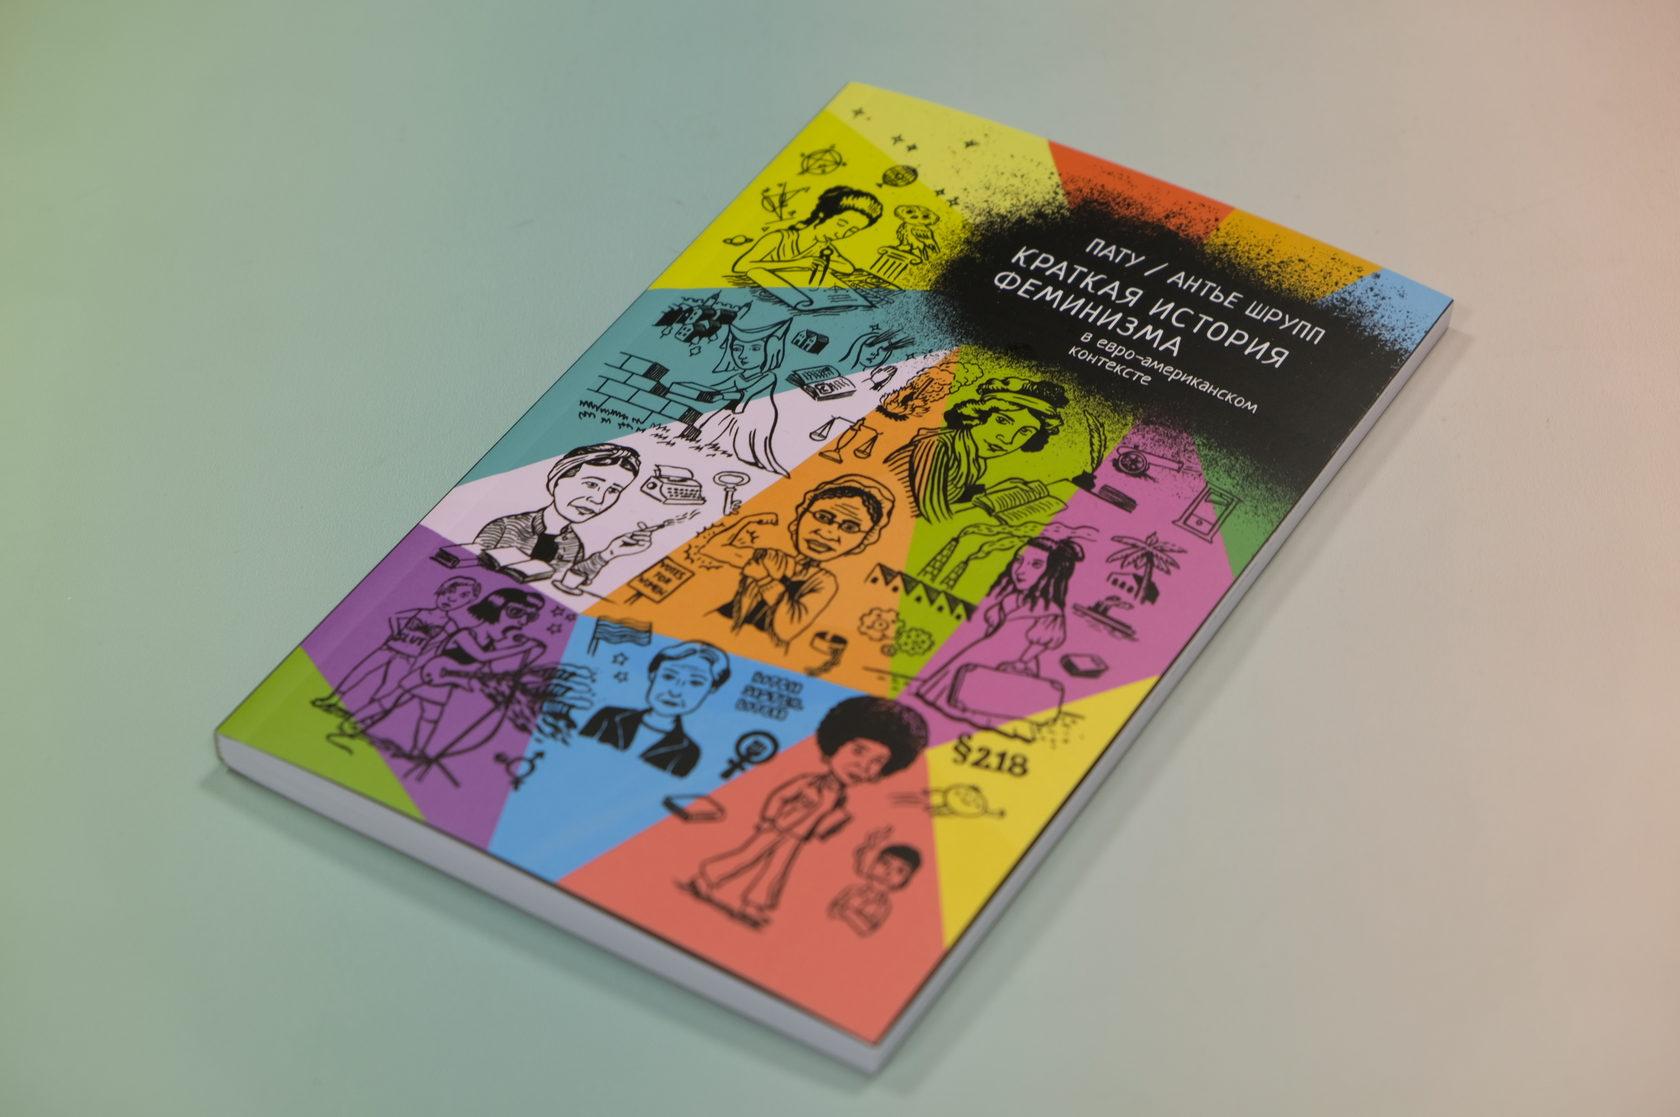 Антье Шрупп, Пату «Краткая история феминизма в евро-американском контексте»